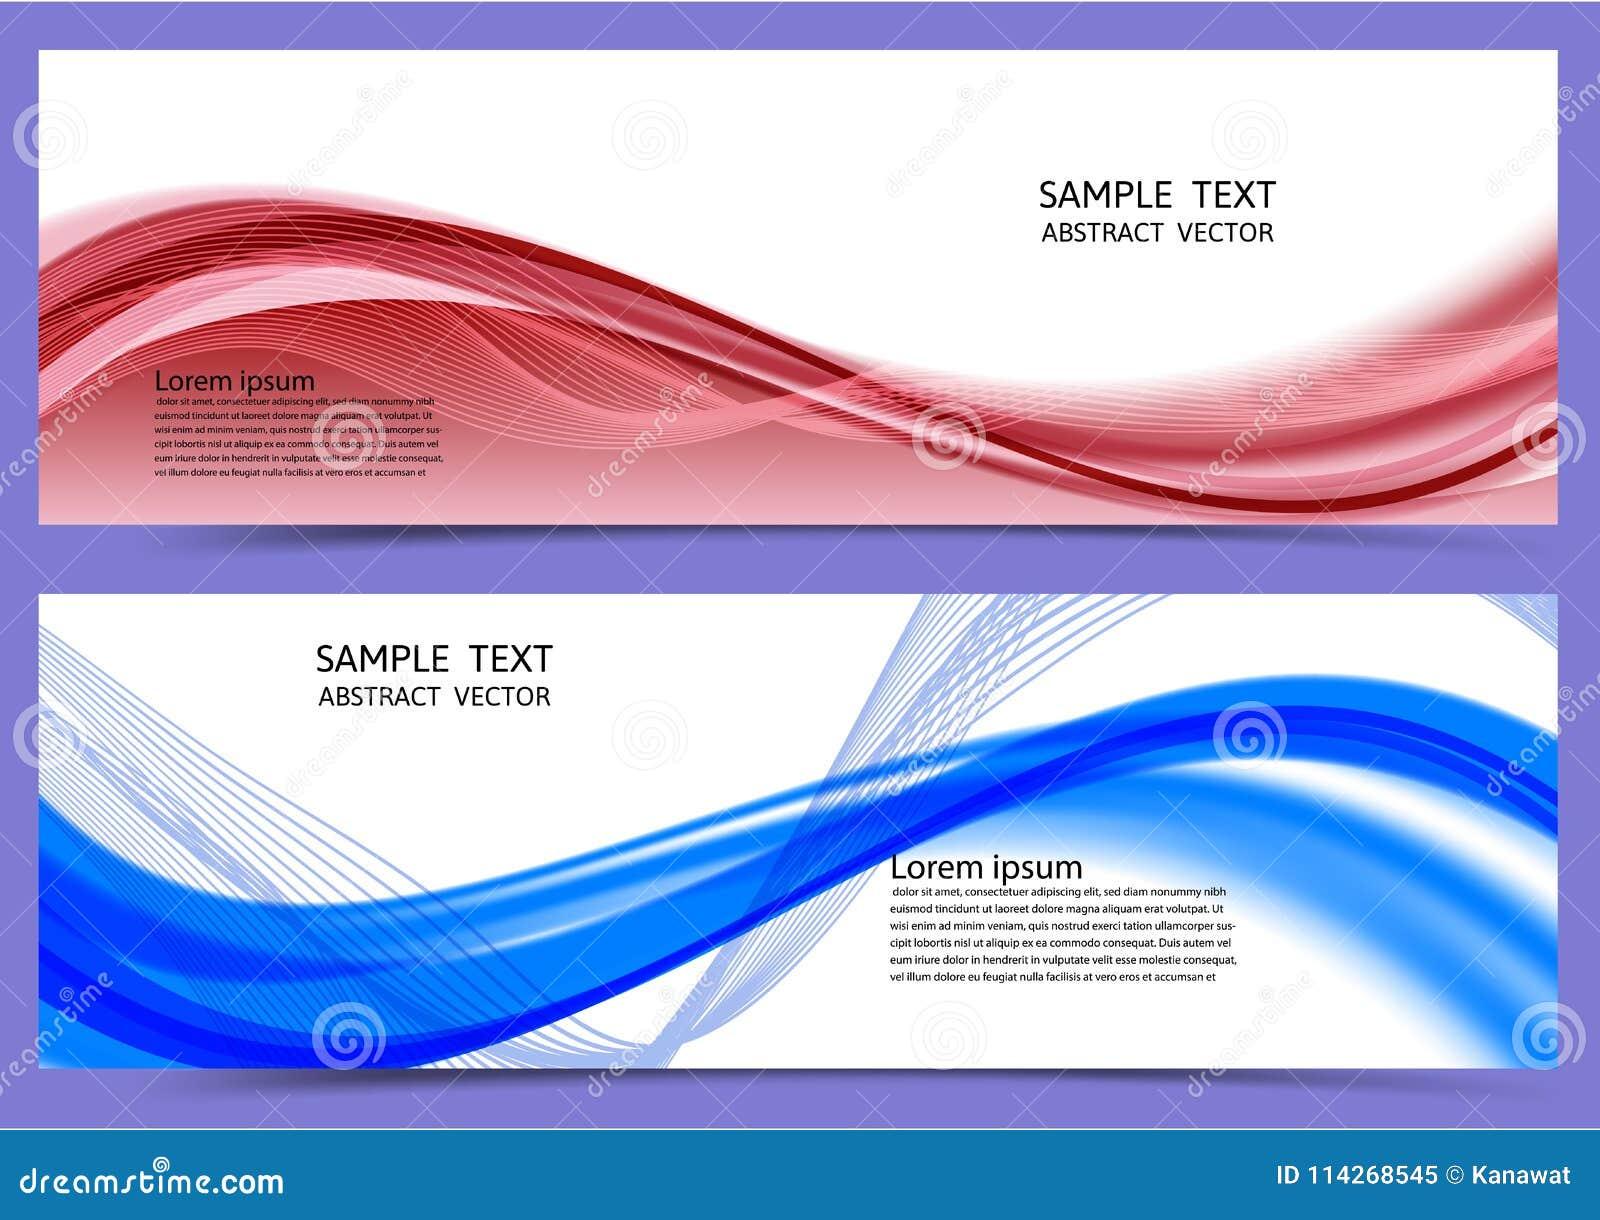 De rode en blauwe achtergrond van de kleuren geometrische abstracte banner met exemplaar ruimte, Vectorillustratie voor uw zaken